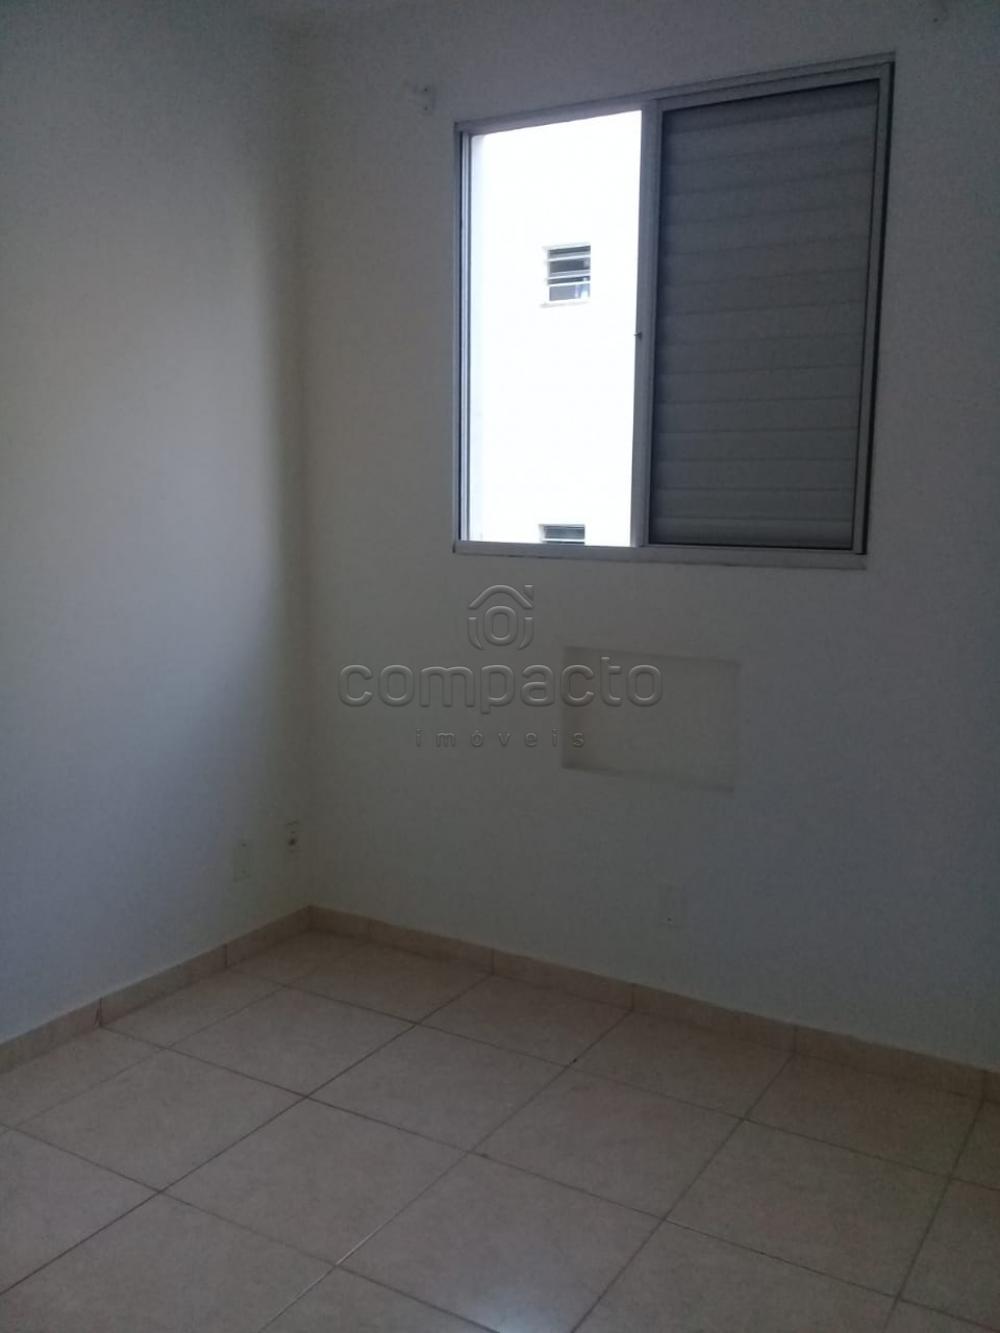 Alugar Apartamento / Padrão em São José do Rio Preto apenas R$ 650,00 - Foto 11